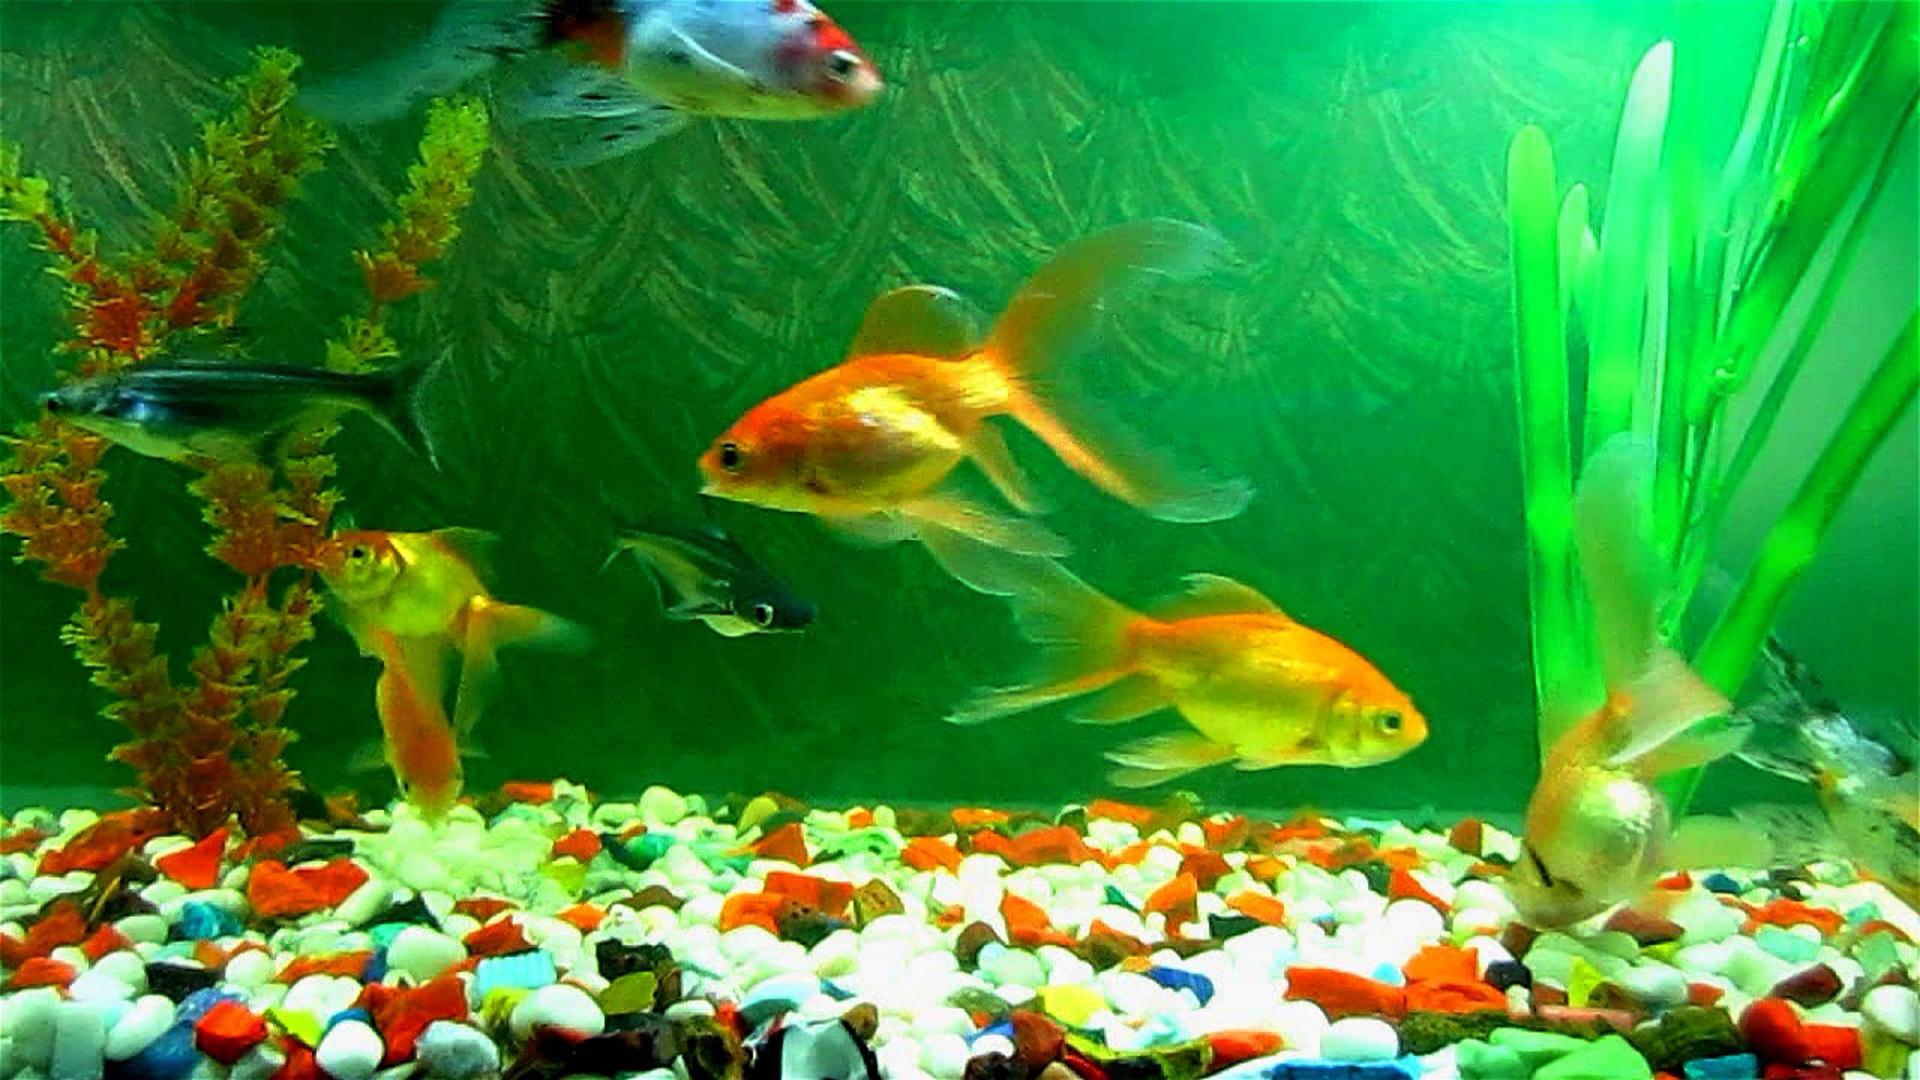 Live Wallpaper Windows 10 Fish - WallpaperSafari